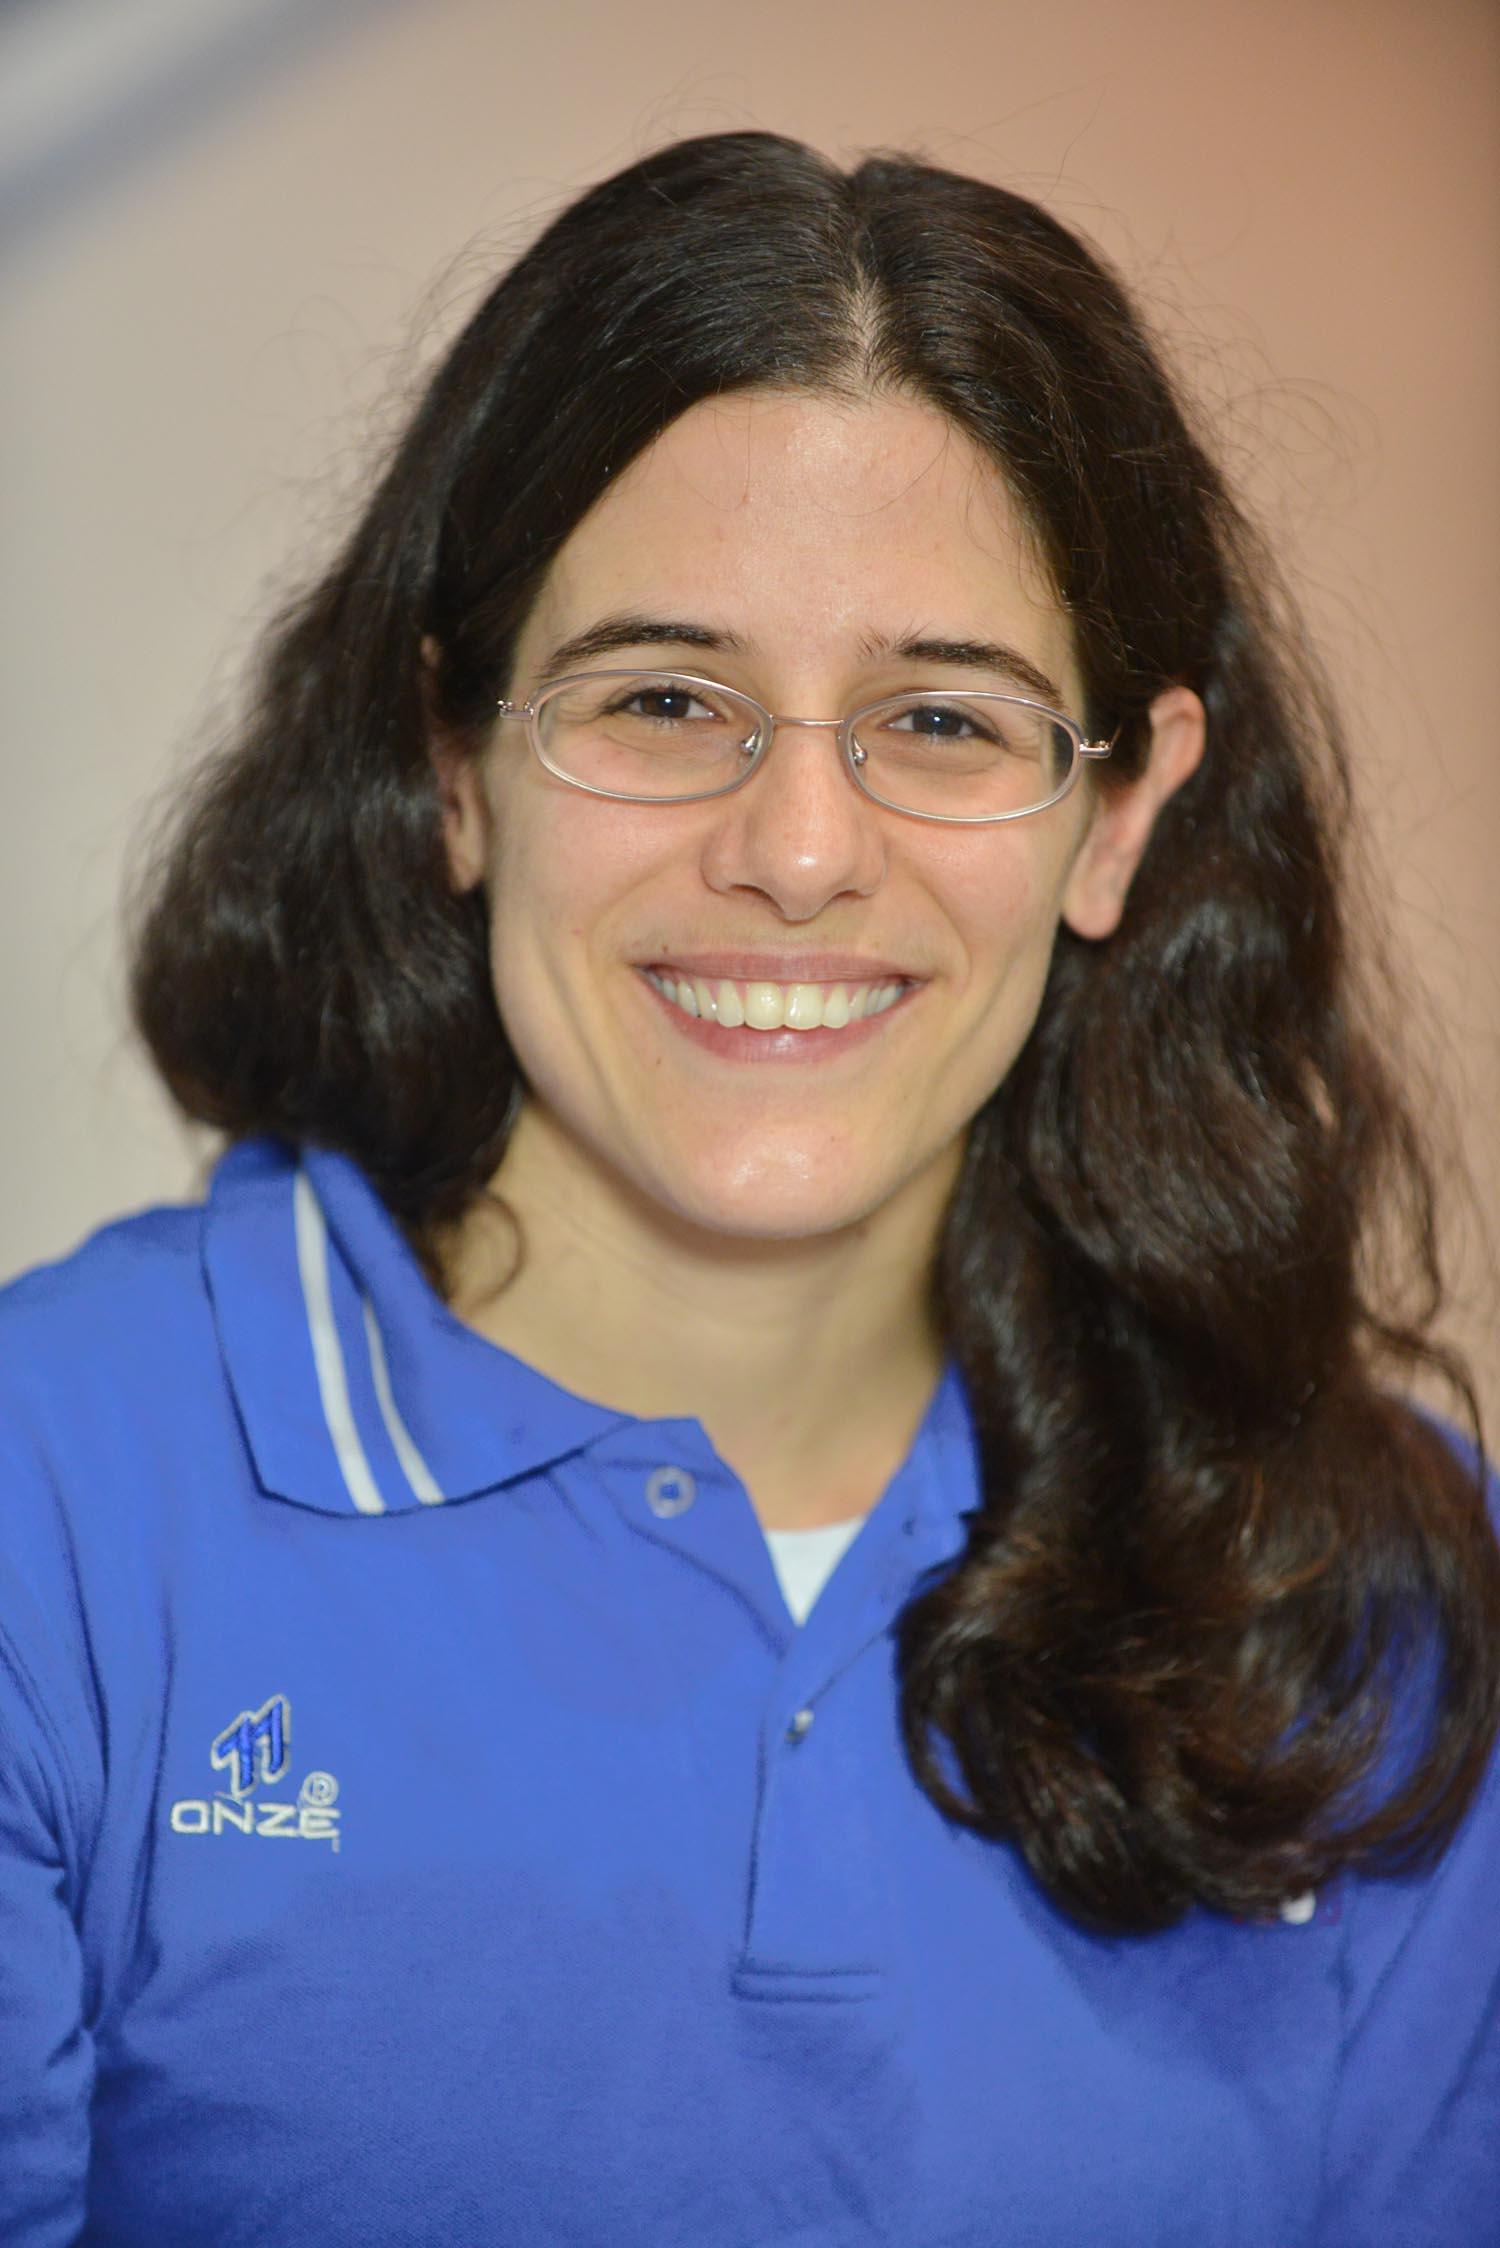 Francesca Secci